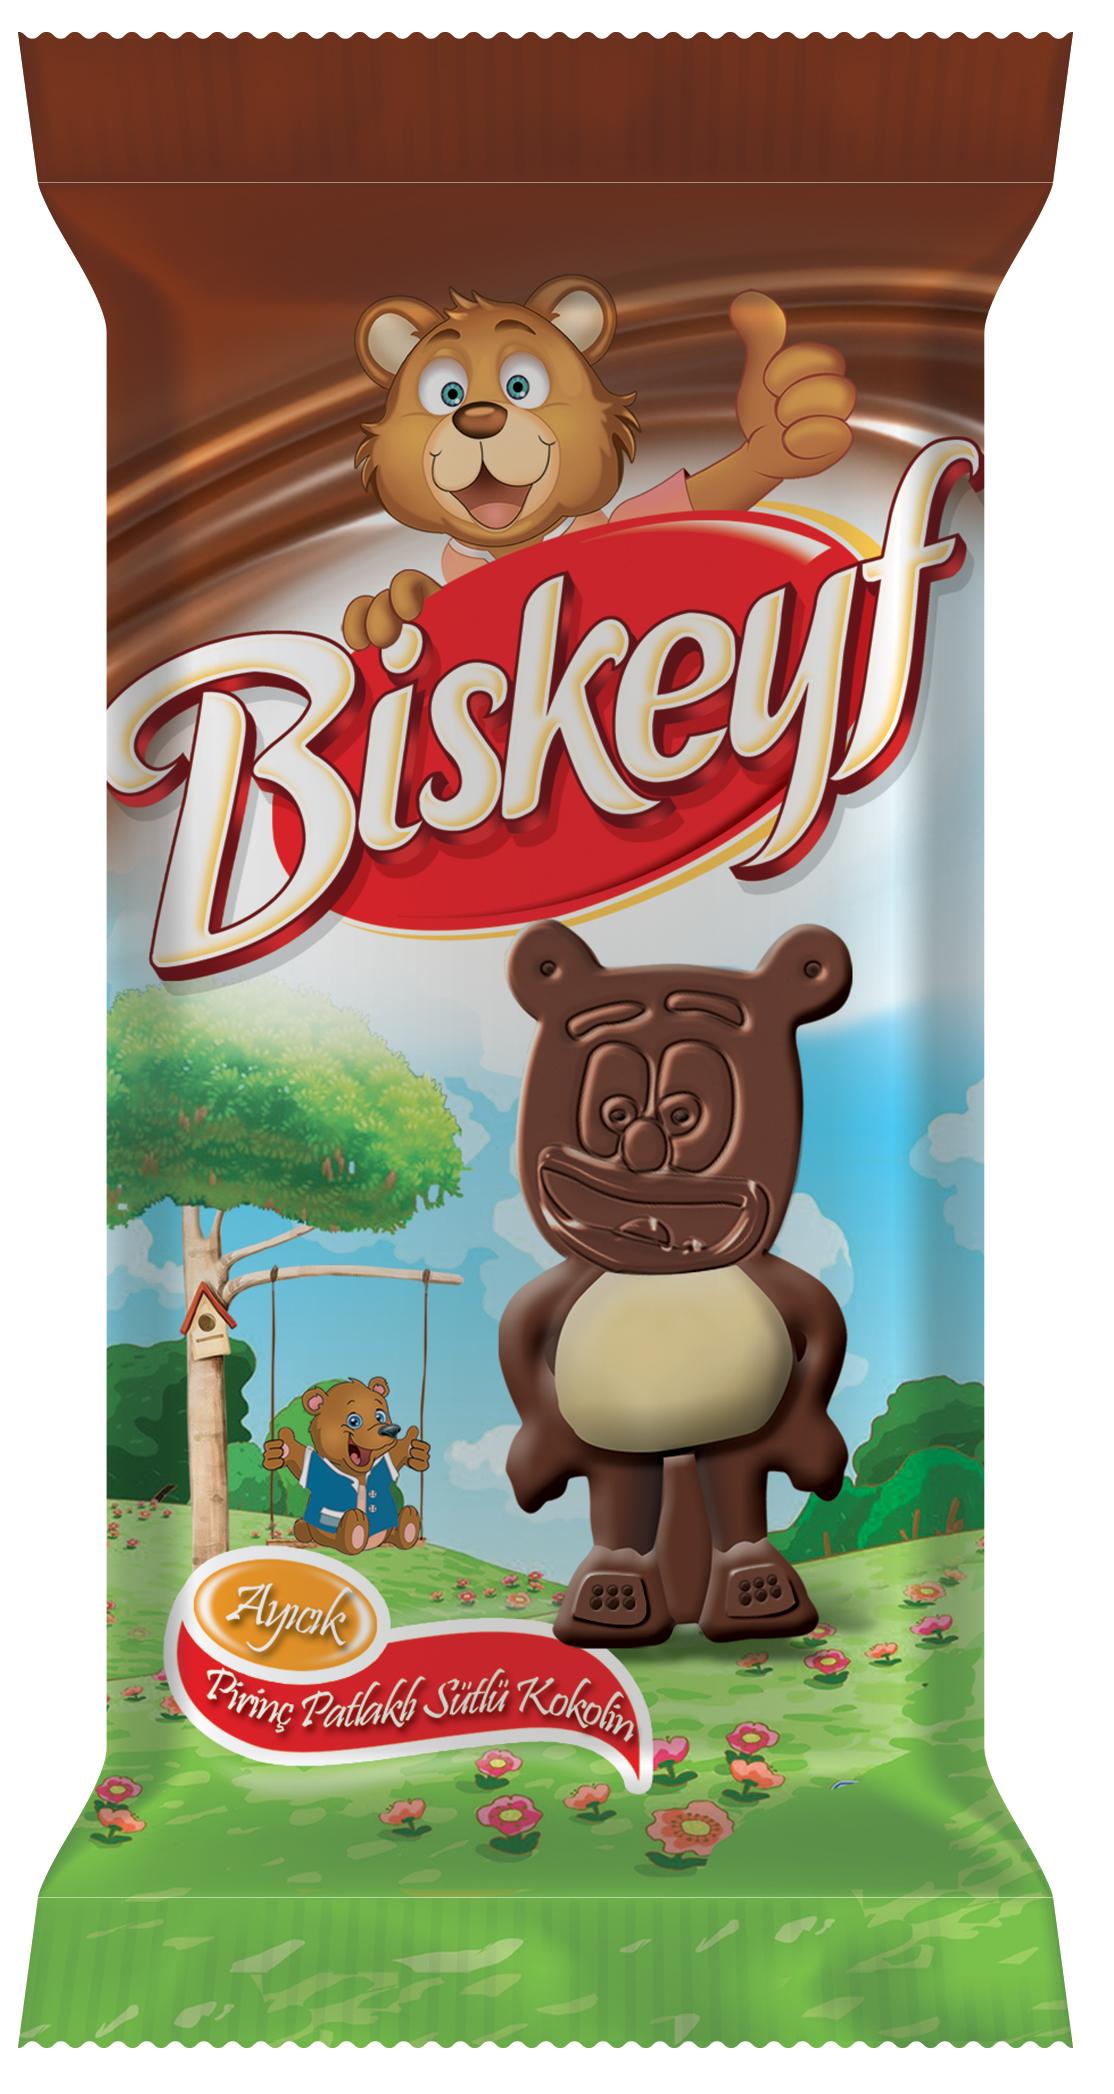 Biskeyf